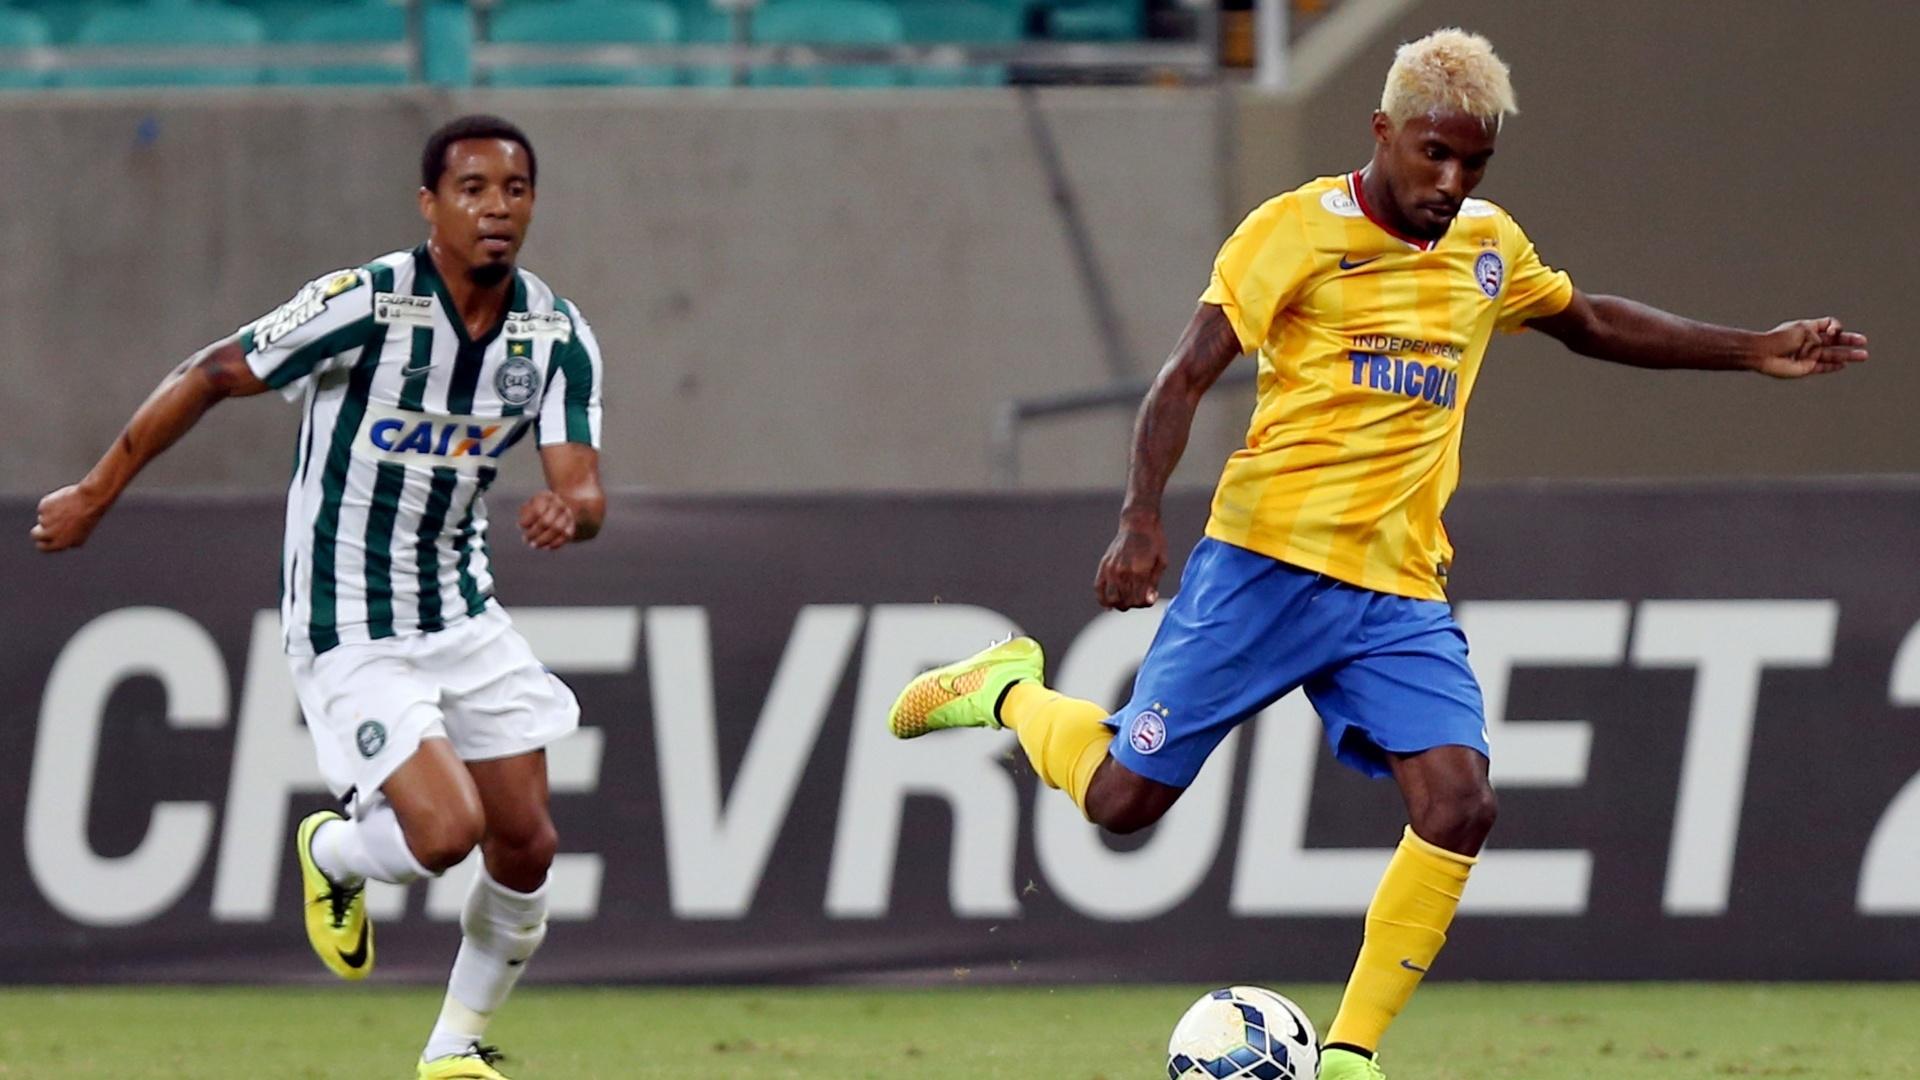 Rhayner tenta escapar da marcação de Rosinei no jogo entre Coritiba e Bahia